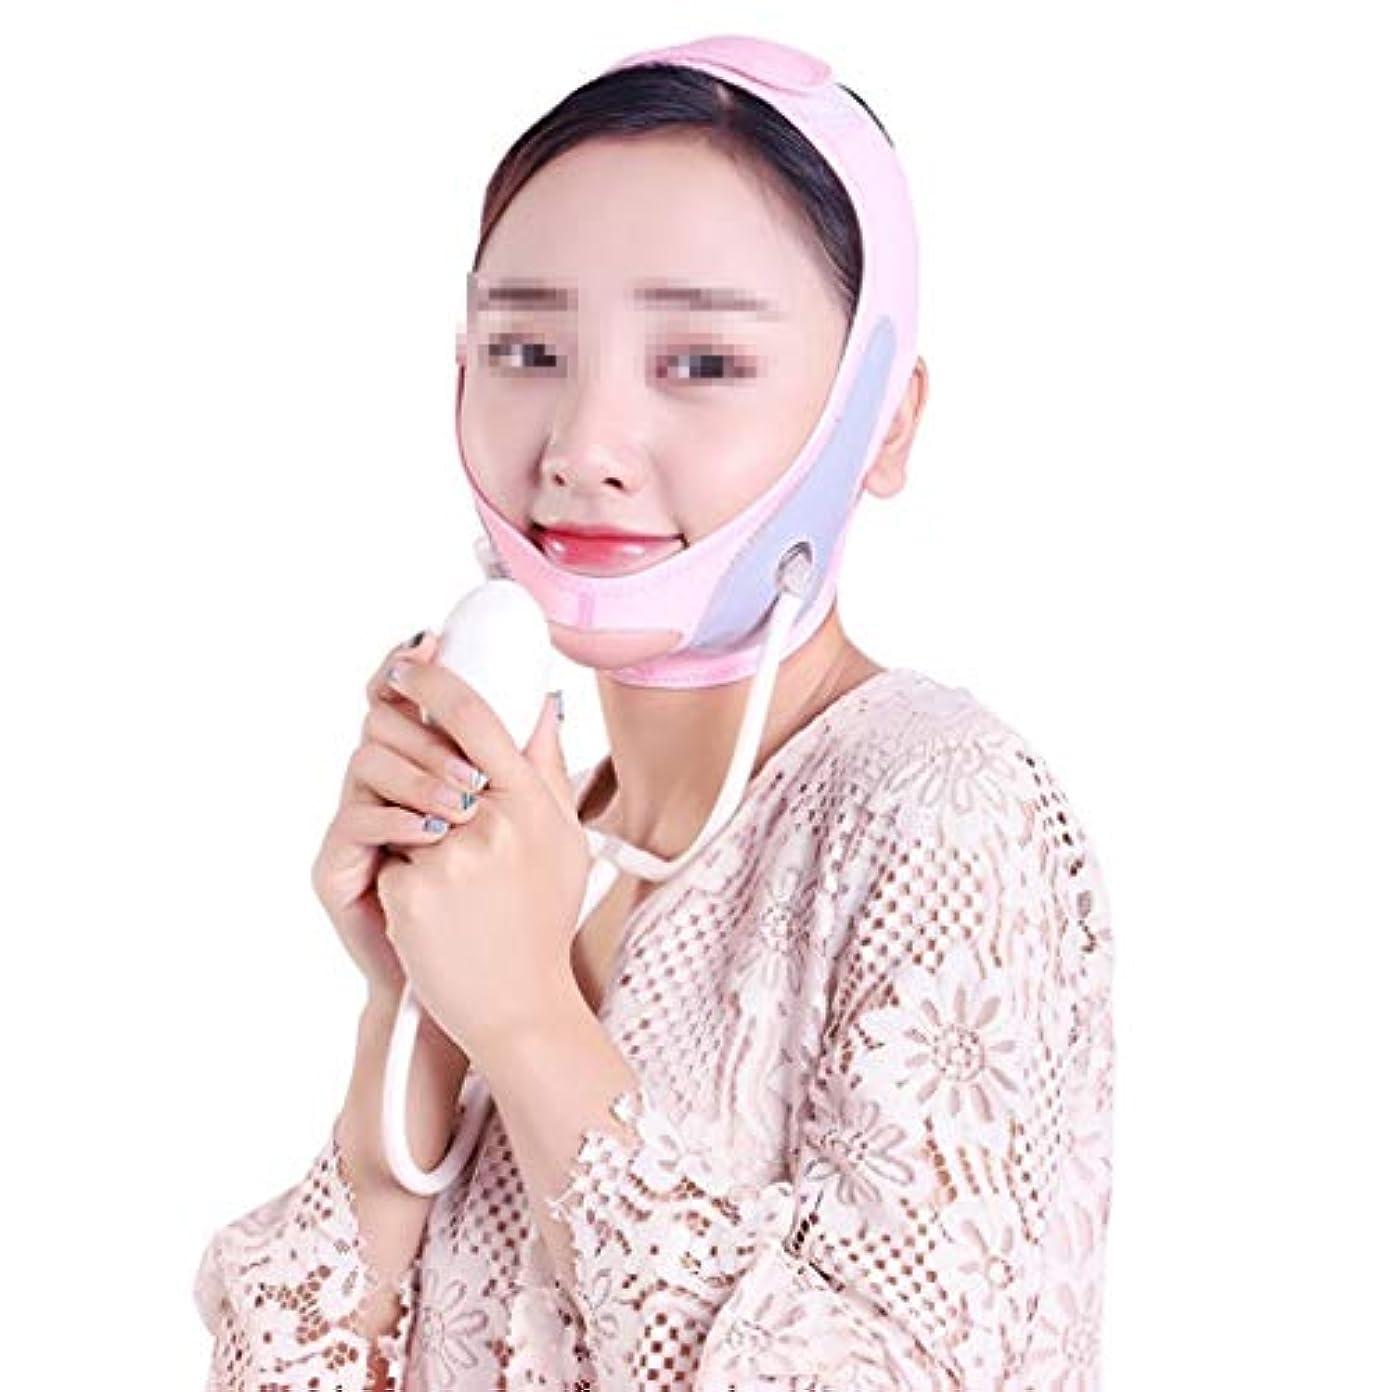 ドキドキ屋内でカプセルインフレータブルフェイスリフティングマスク、小さなVフェイスステッカーリフトプル形状の筋肉引き締め肌二重あご包帯